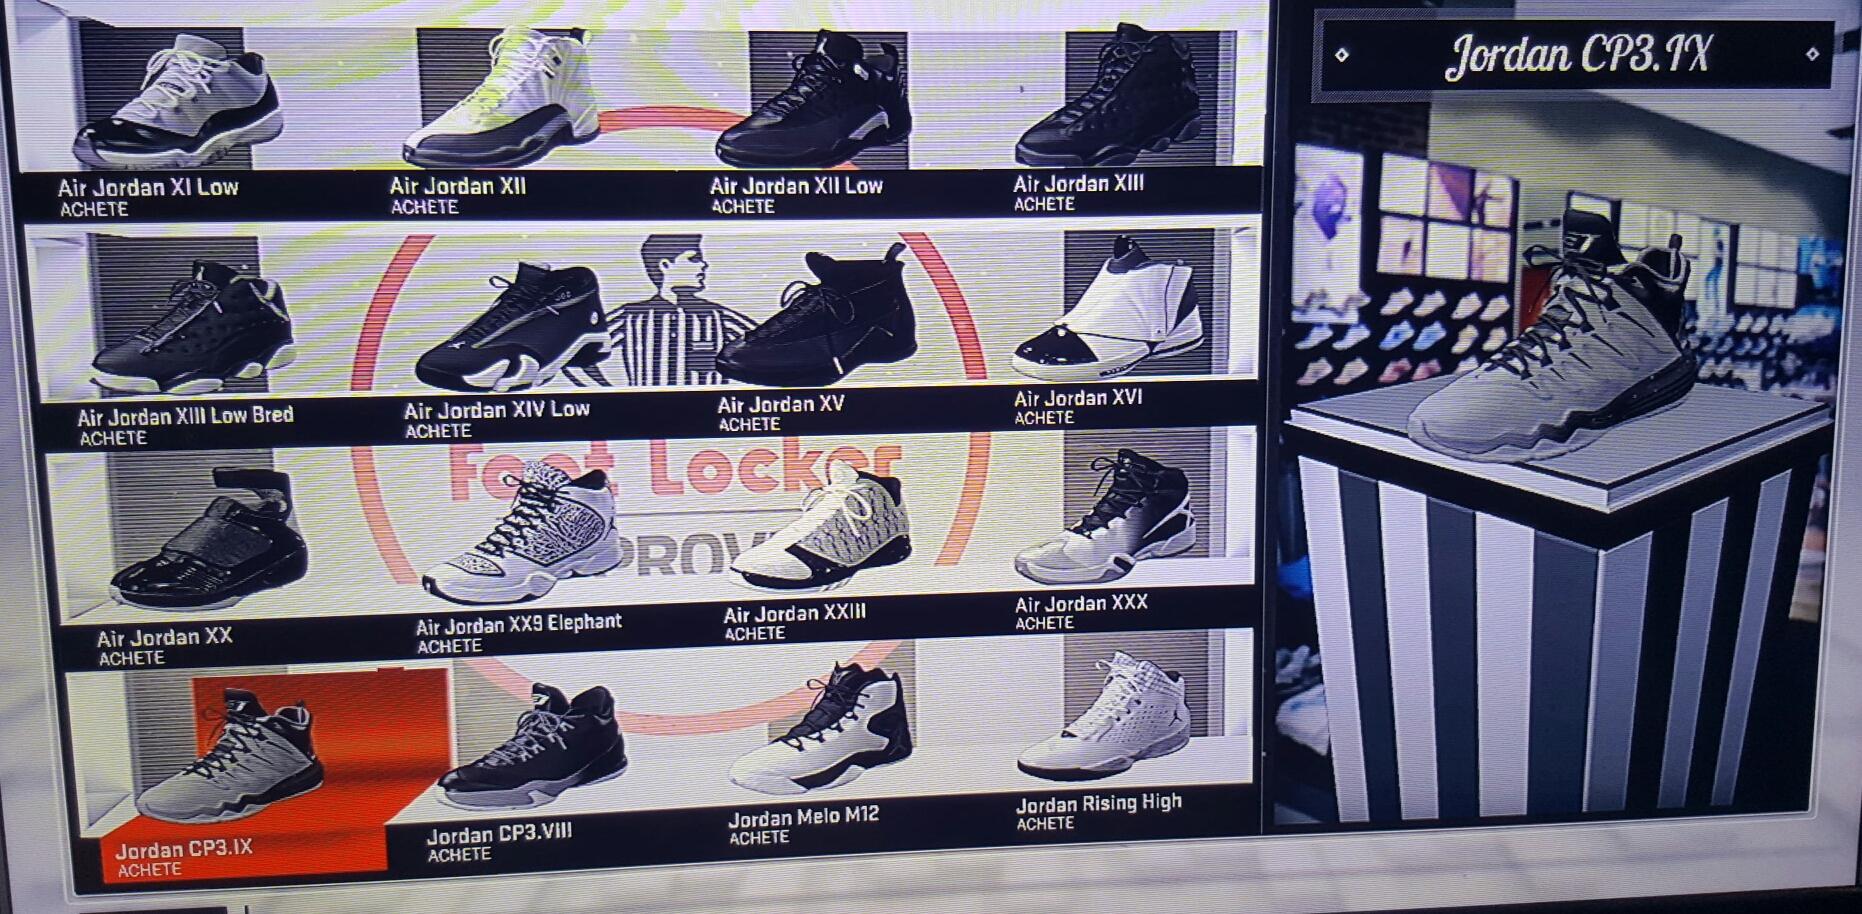 Chaussures Sur Le 2k17 18 Nba 17 2016 Vos 21 07 Contrats Forum 09 yNOPn0vm8w